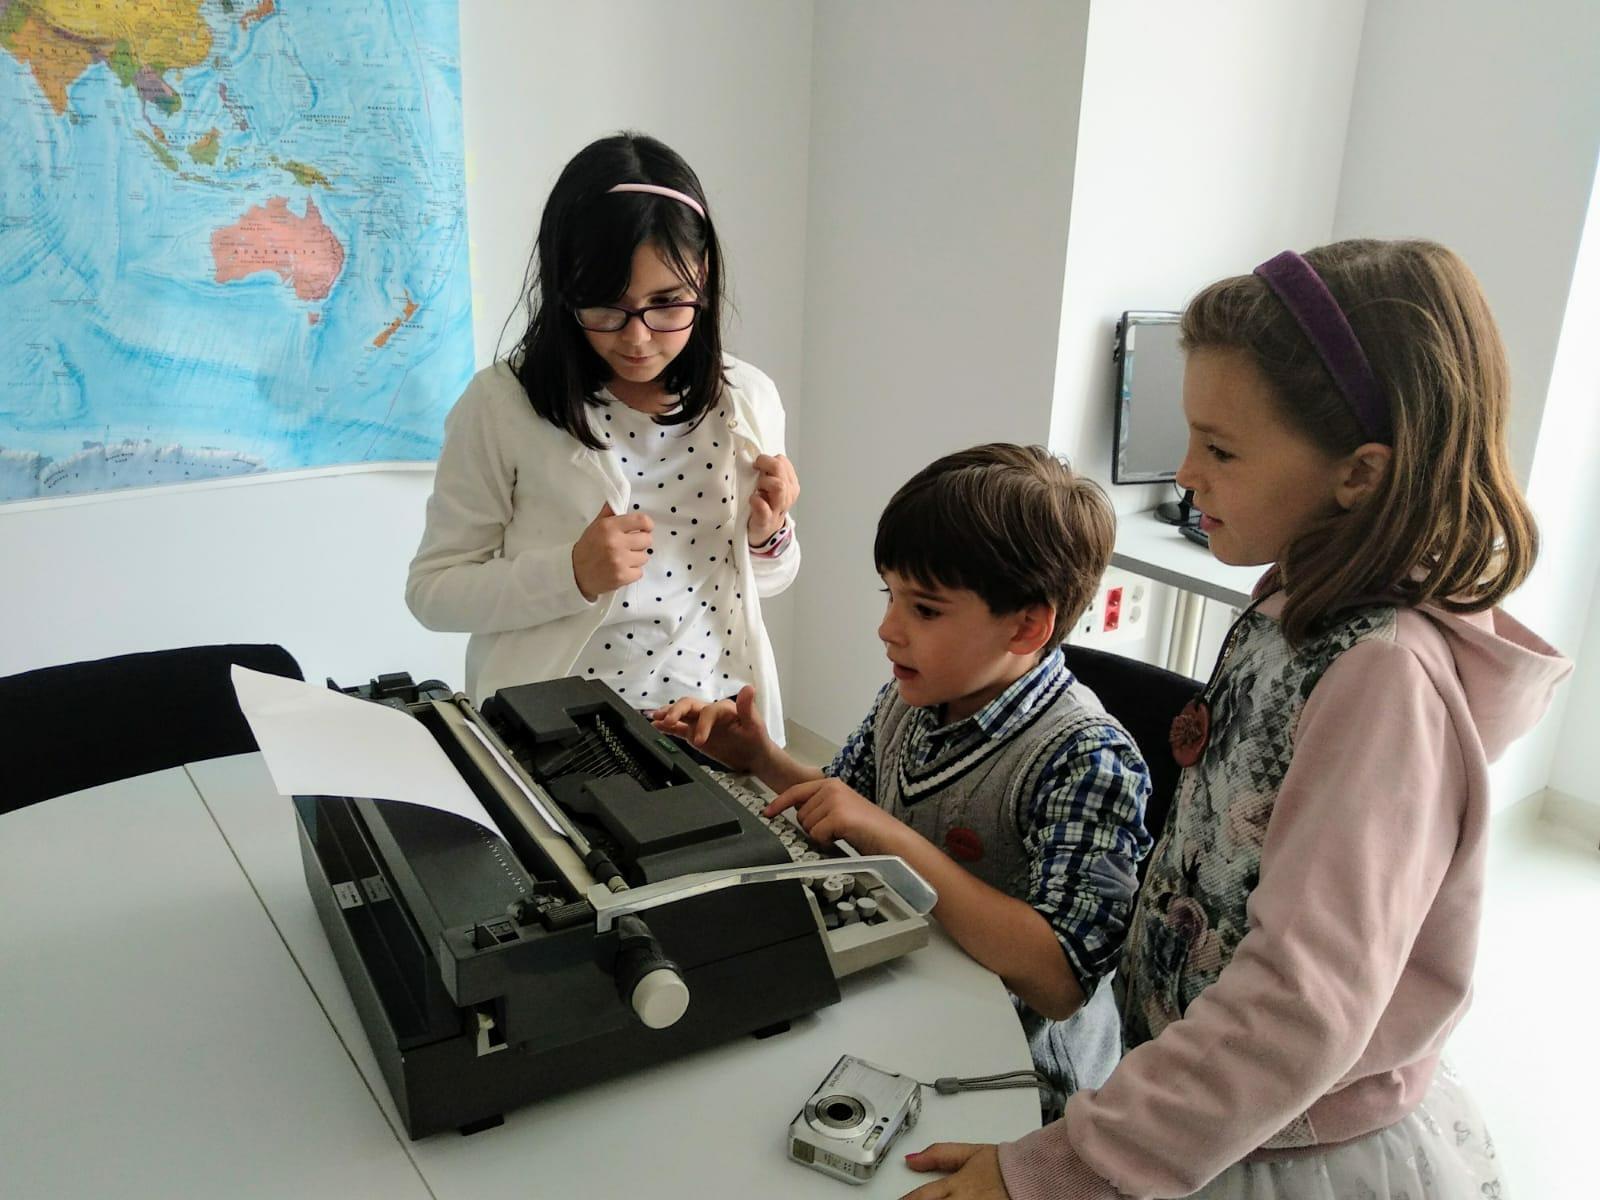 Alumnos de la escuela alternativa Mundo World con máquina de escribir